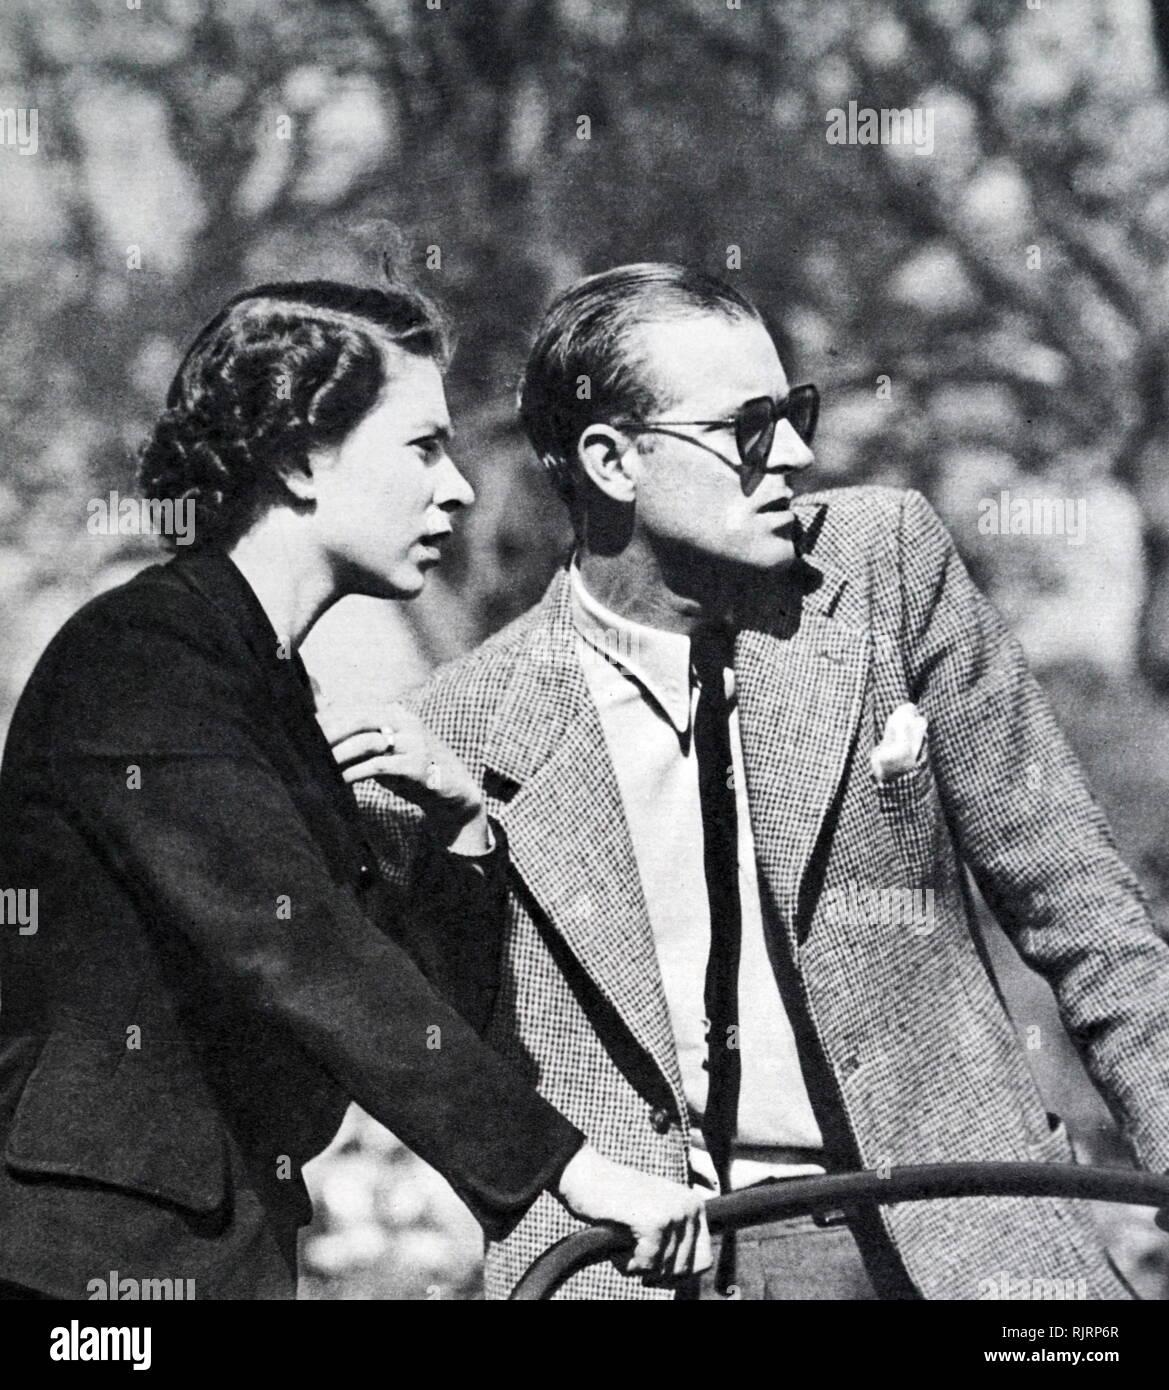 Horse Trials olympiques, tenue à Badminton en 1952. La reine Elizabeth II et le duc d'Édimbourg, à regarder les essais cliniques en? Landover voiture. Photo Stock